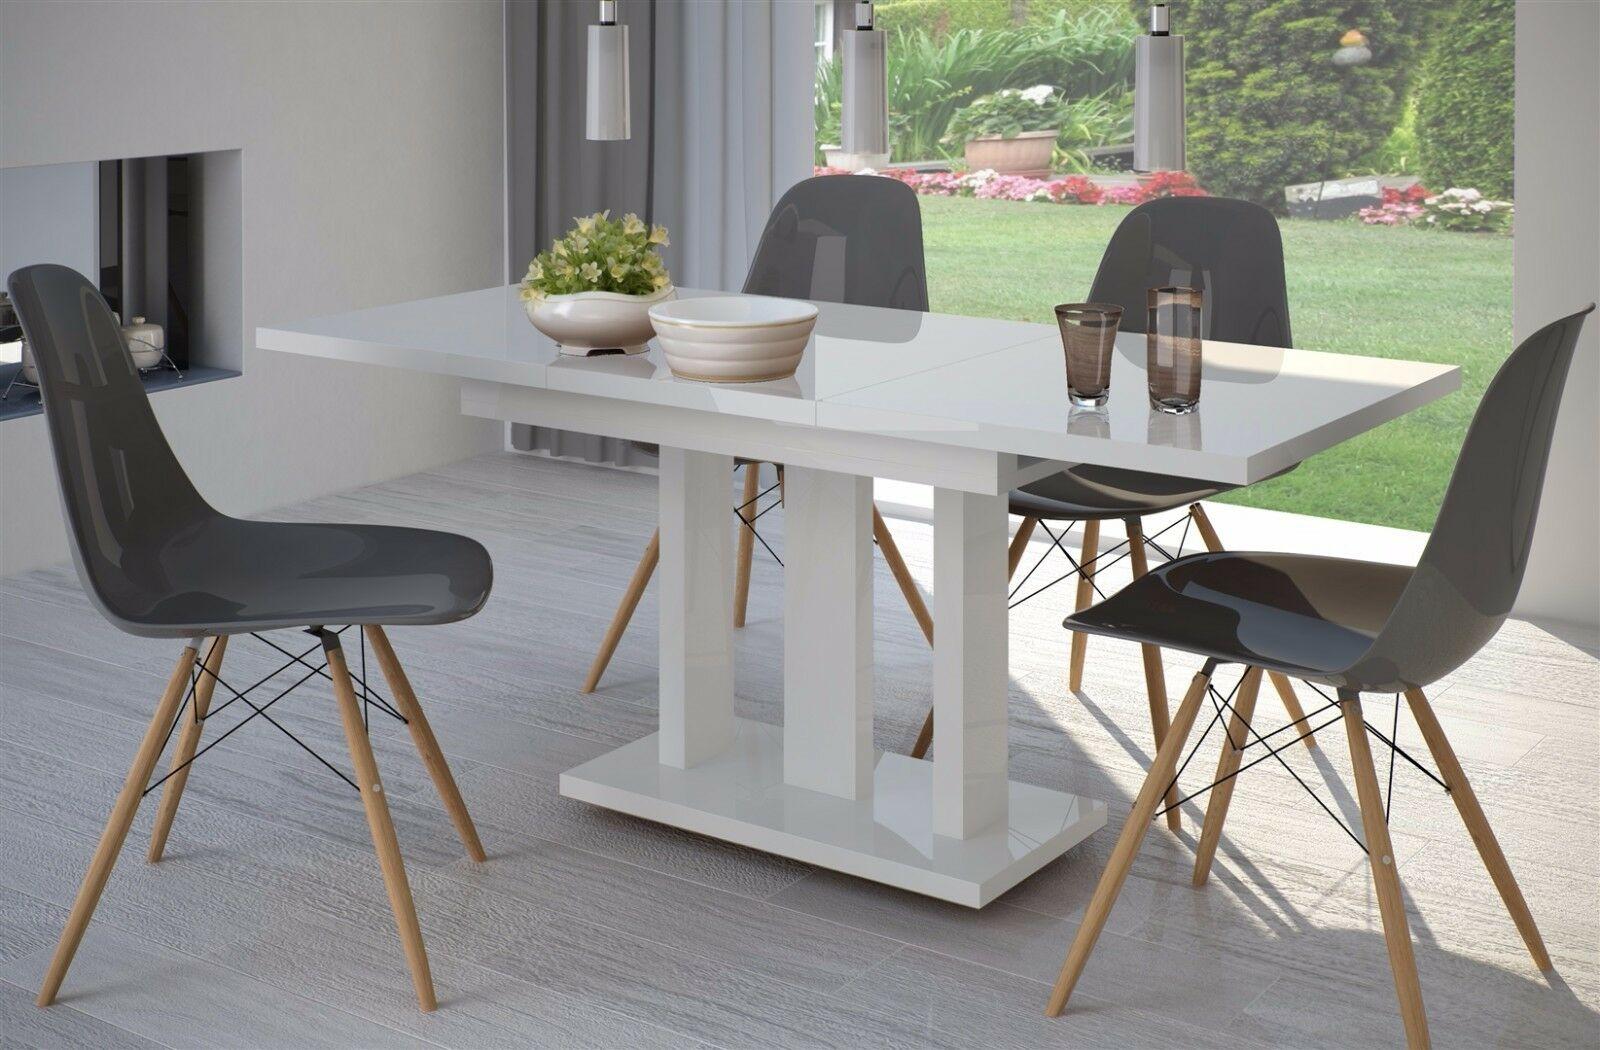 Anspruchsvoll Esstisch Ausziehbar Holz Sammlung Von Säulentisch Hochglanz Weiß 110 Cm Edler Modern